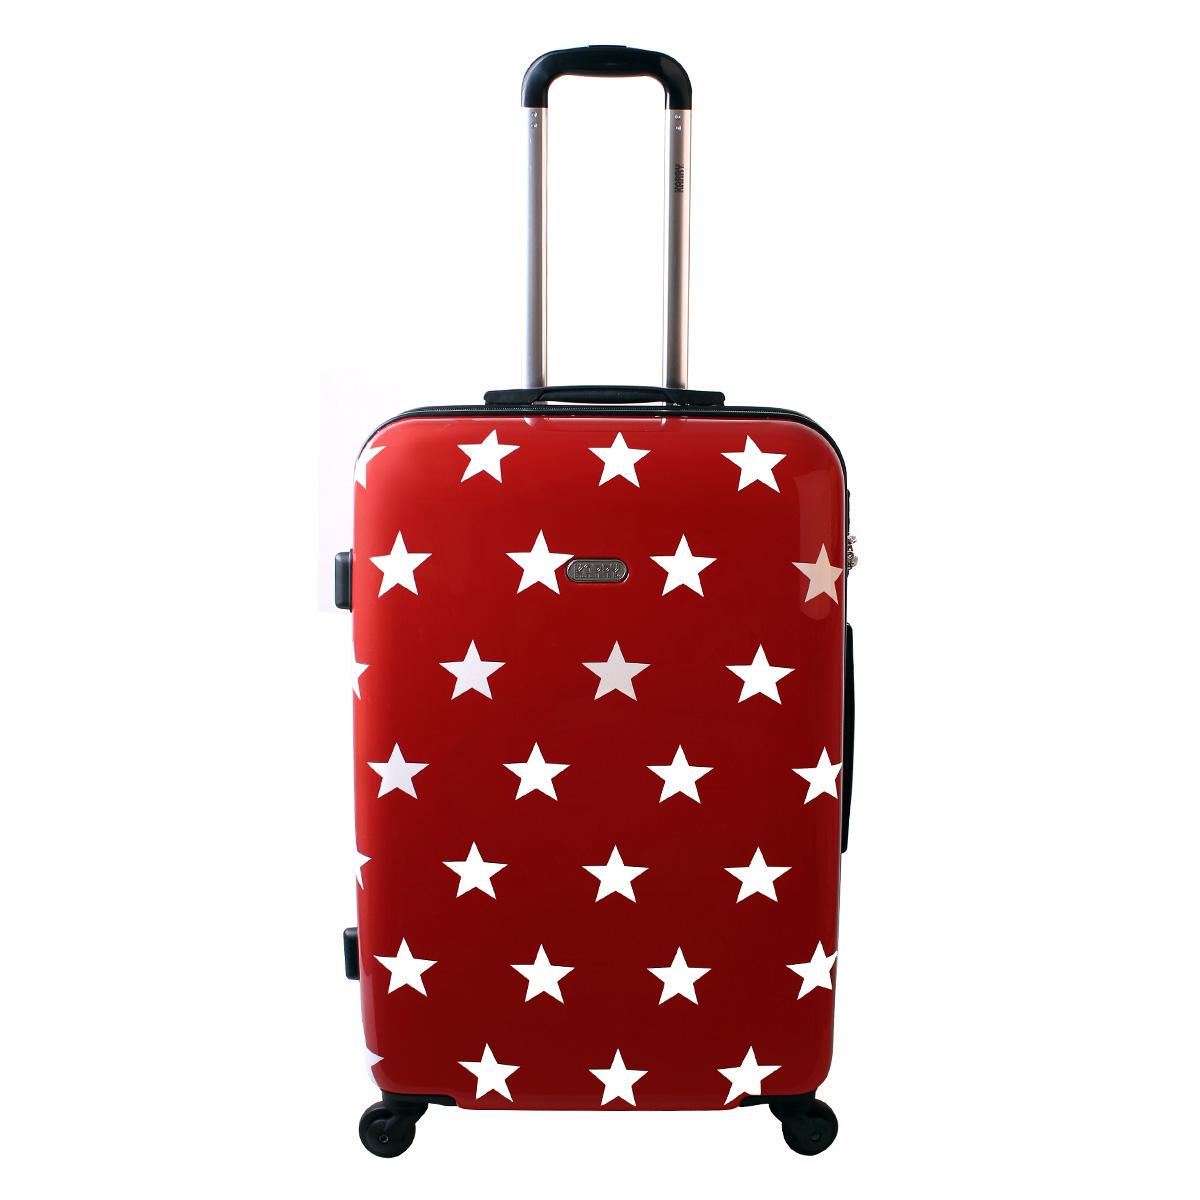 karry xl hartschalen reise koffer trolley tsa 80 liter rot. Black Bedroom Furniture Sets. Home Design Ideas